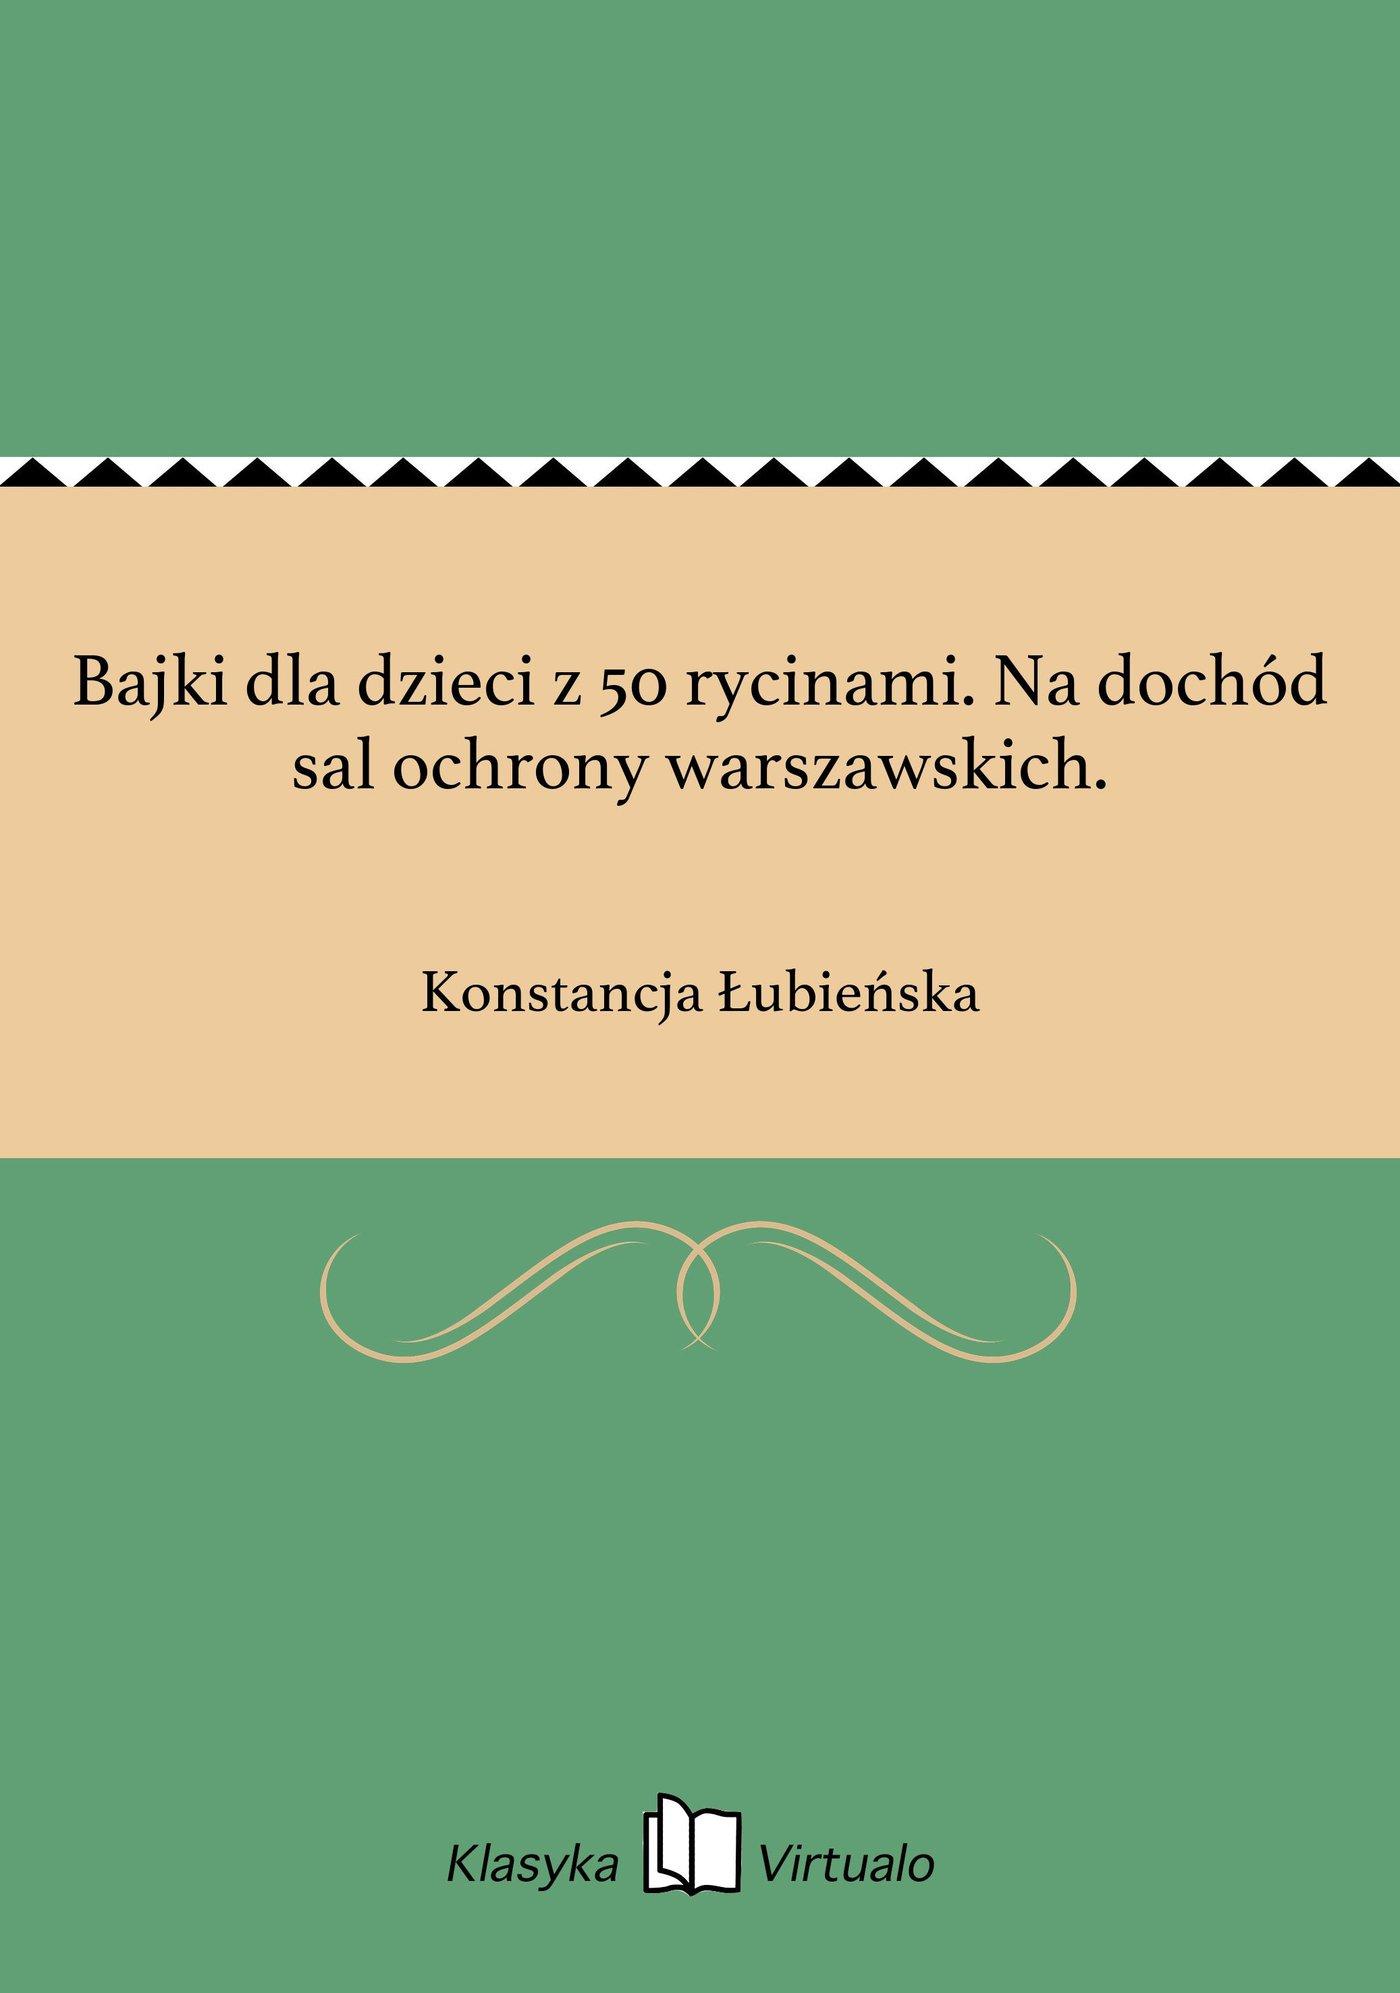 Bajki dla dzieci z 50 rycinami. Na dochód sal ochrony warszawskich. - Ebook (Książka EPUB) do pobrania w formacie EPUB